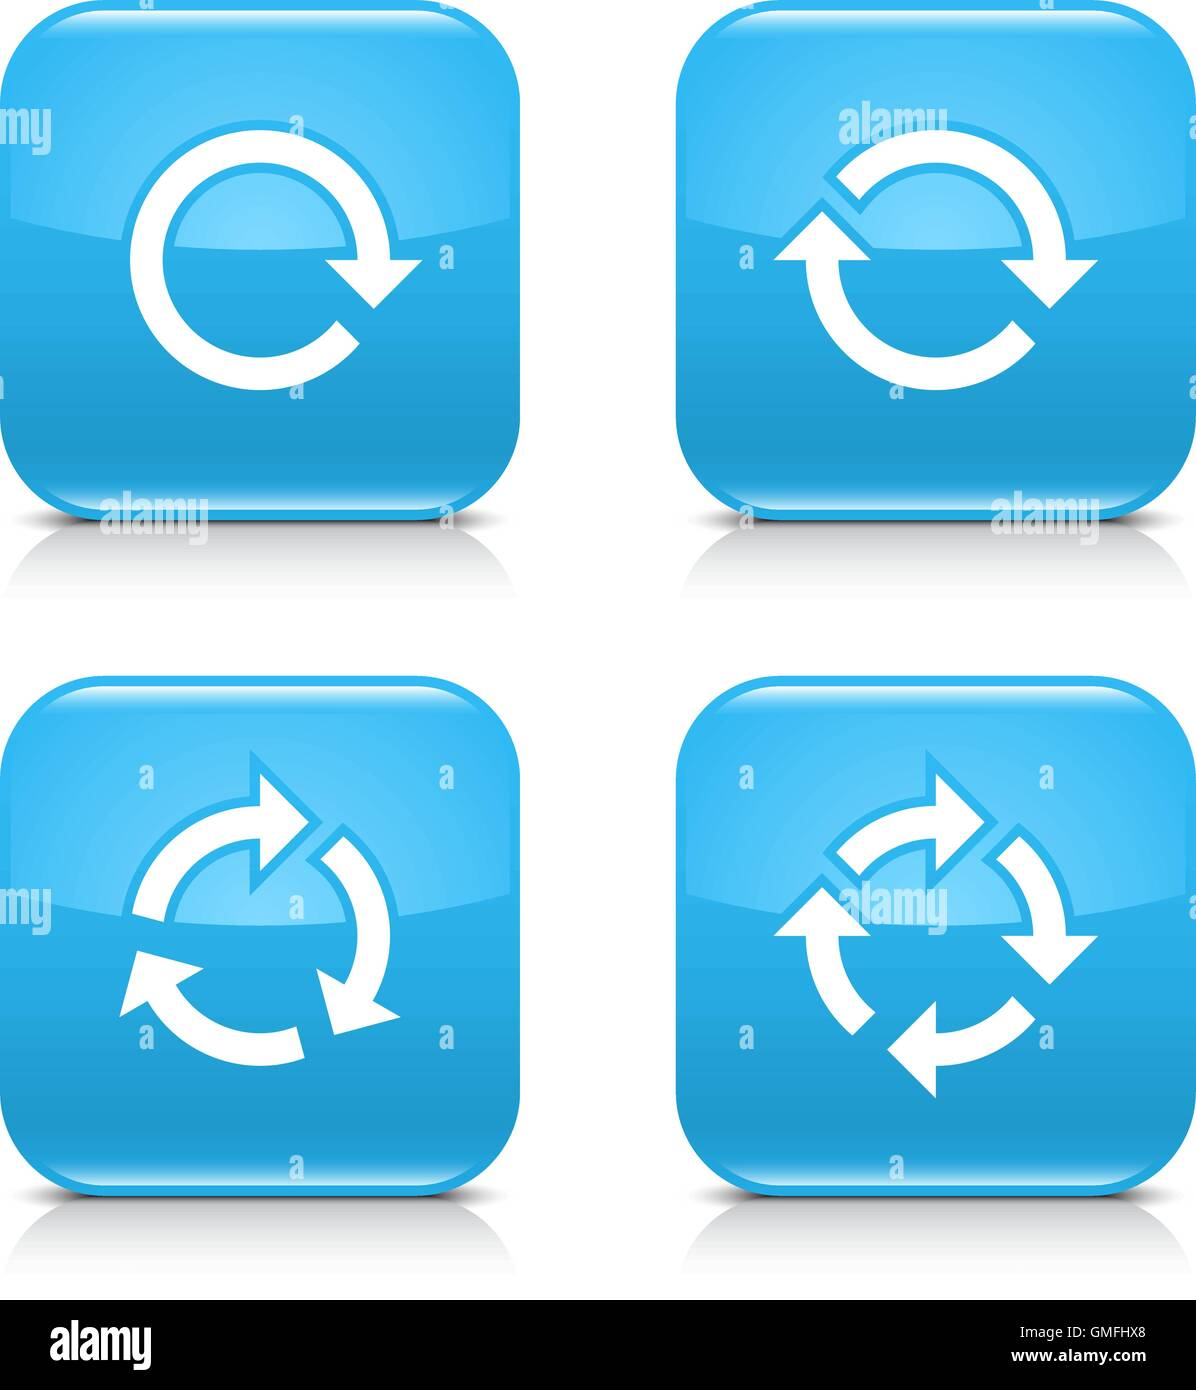 4 Pfeil-Symbol. Weiße wiederholen, neu laden, aktualisieren, Drehung Zeichen. 02 festgelegt. Blaue gerundete Stockbild